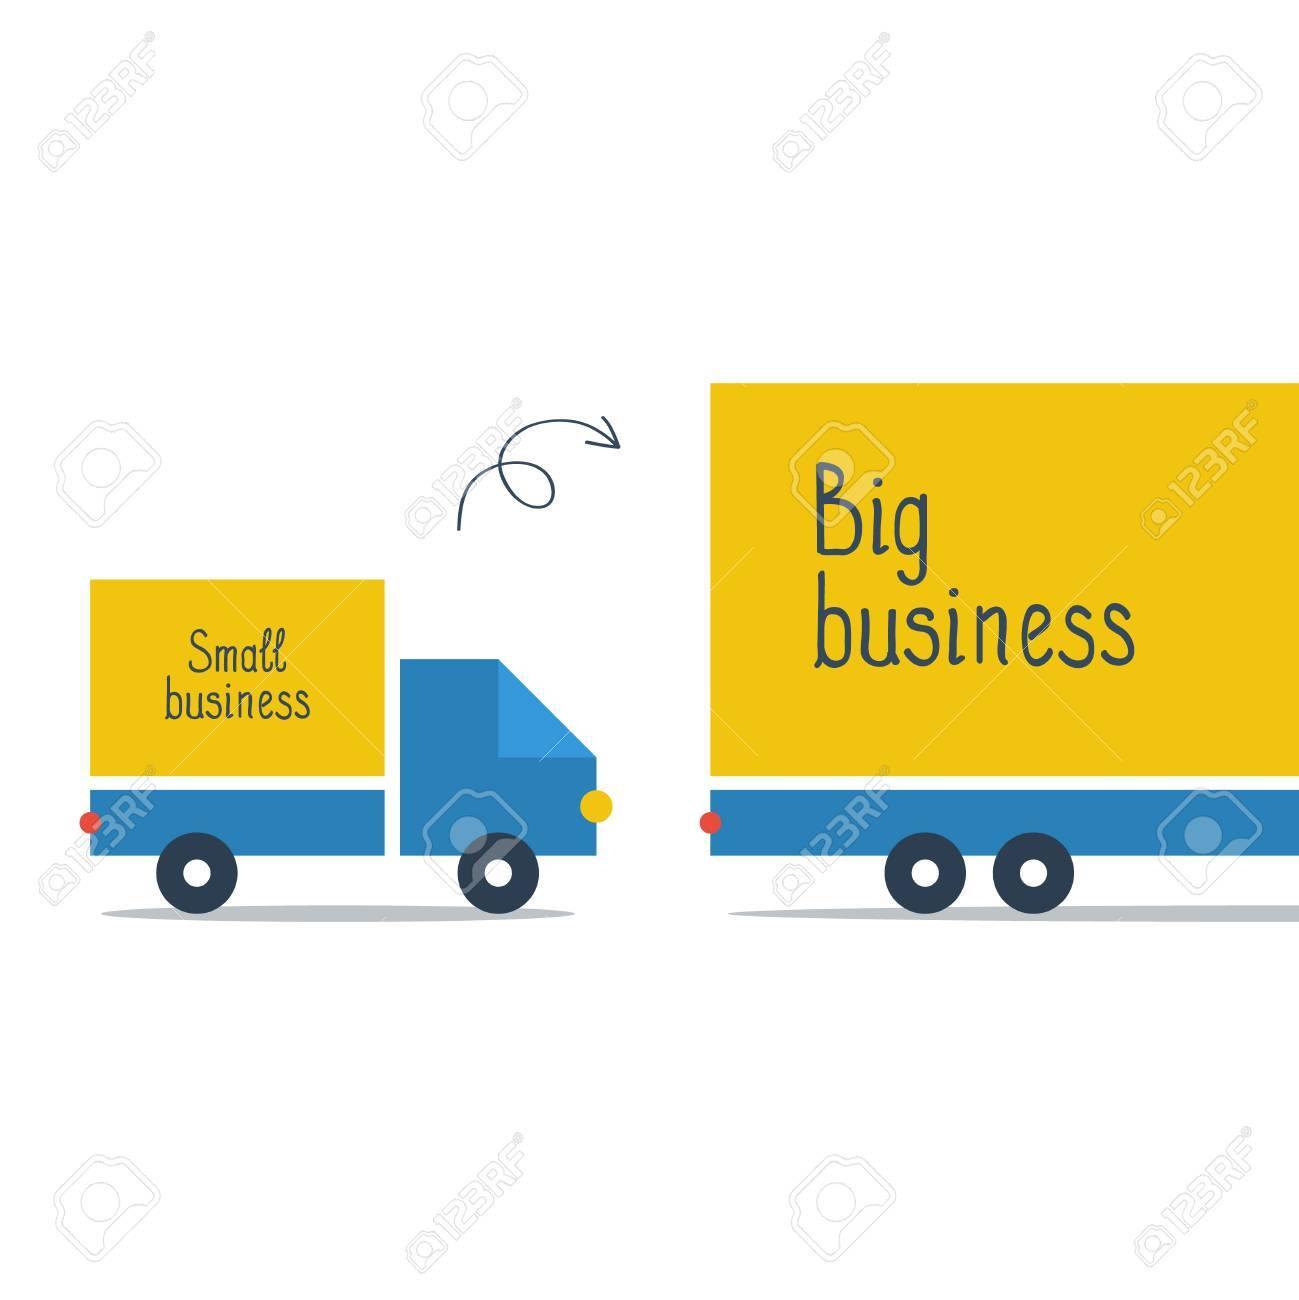 Business size comparison or enlargement - 49589782